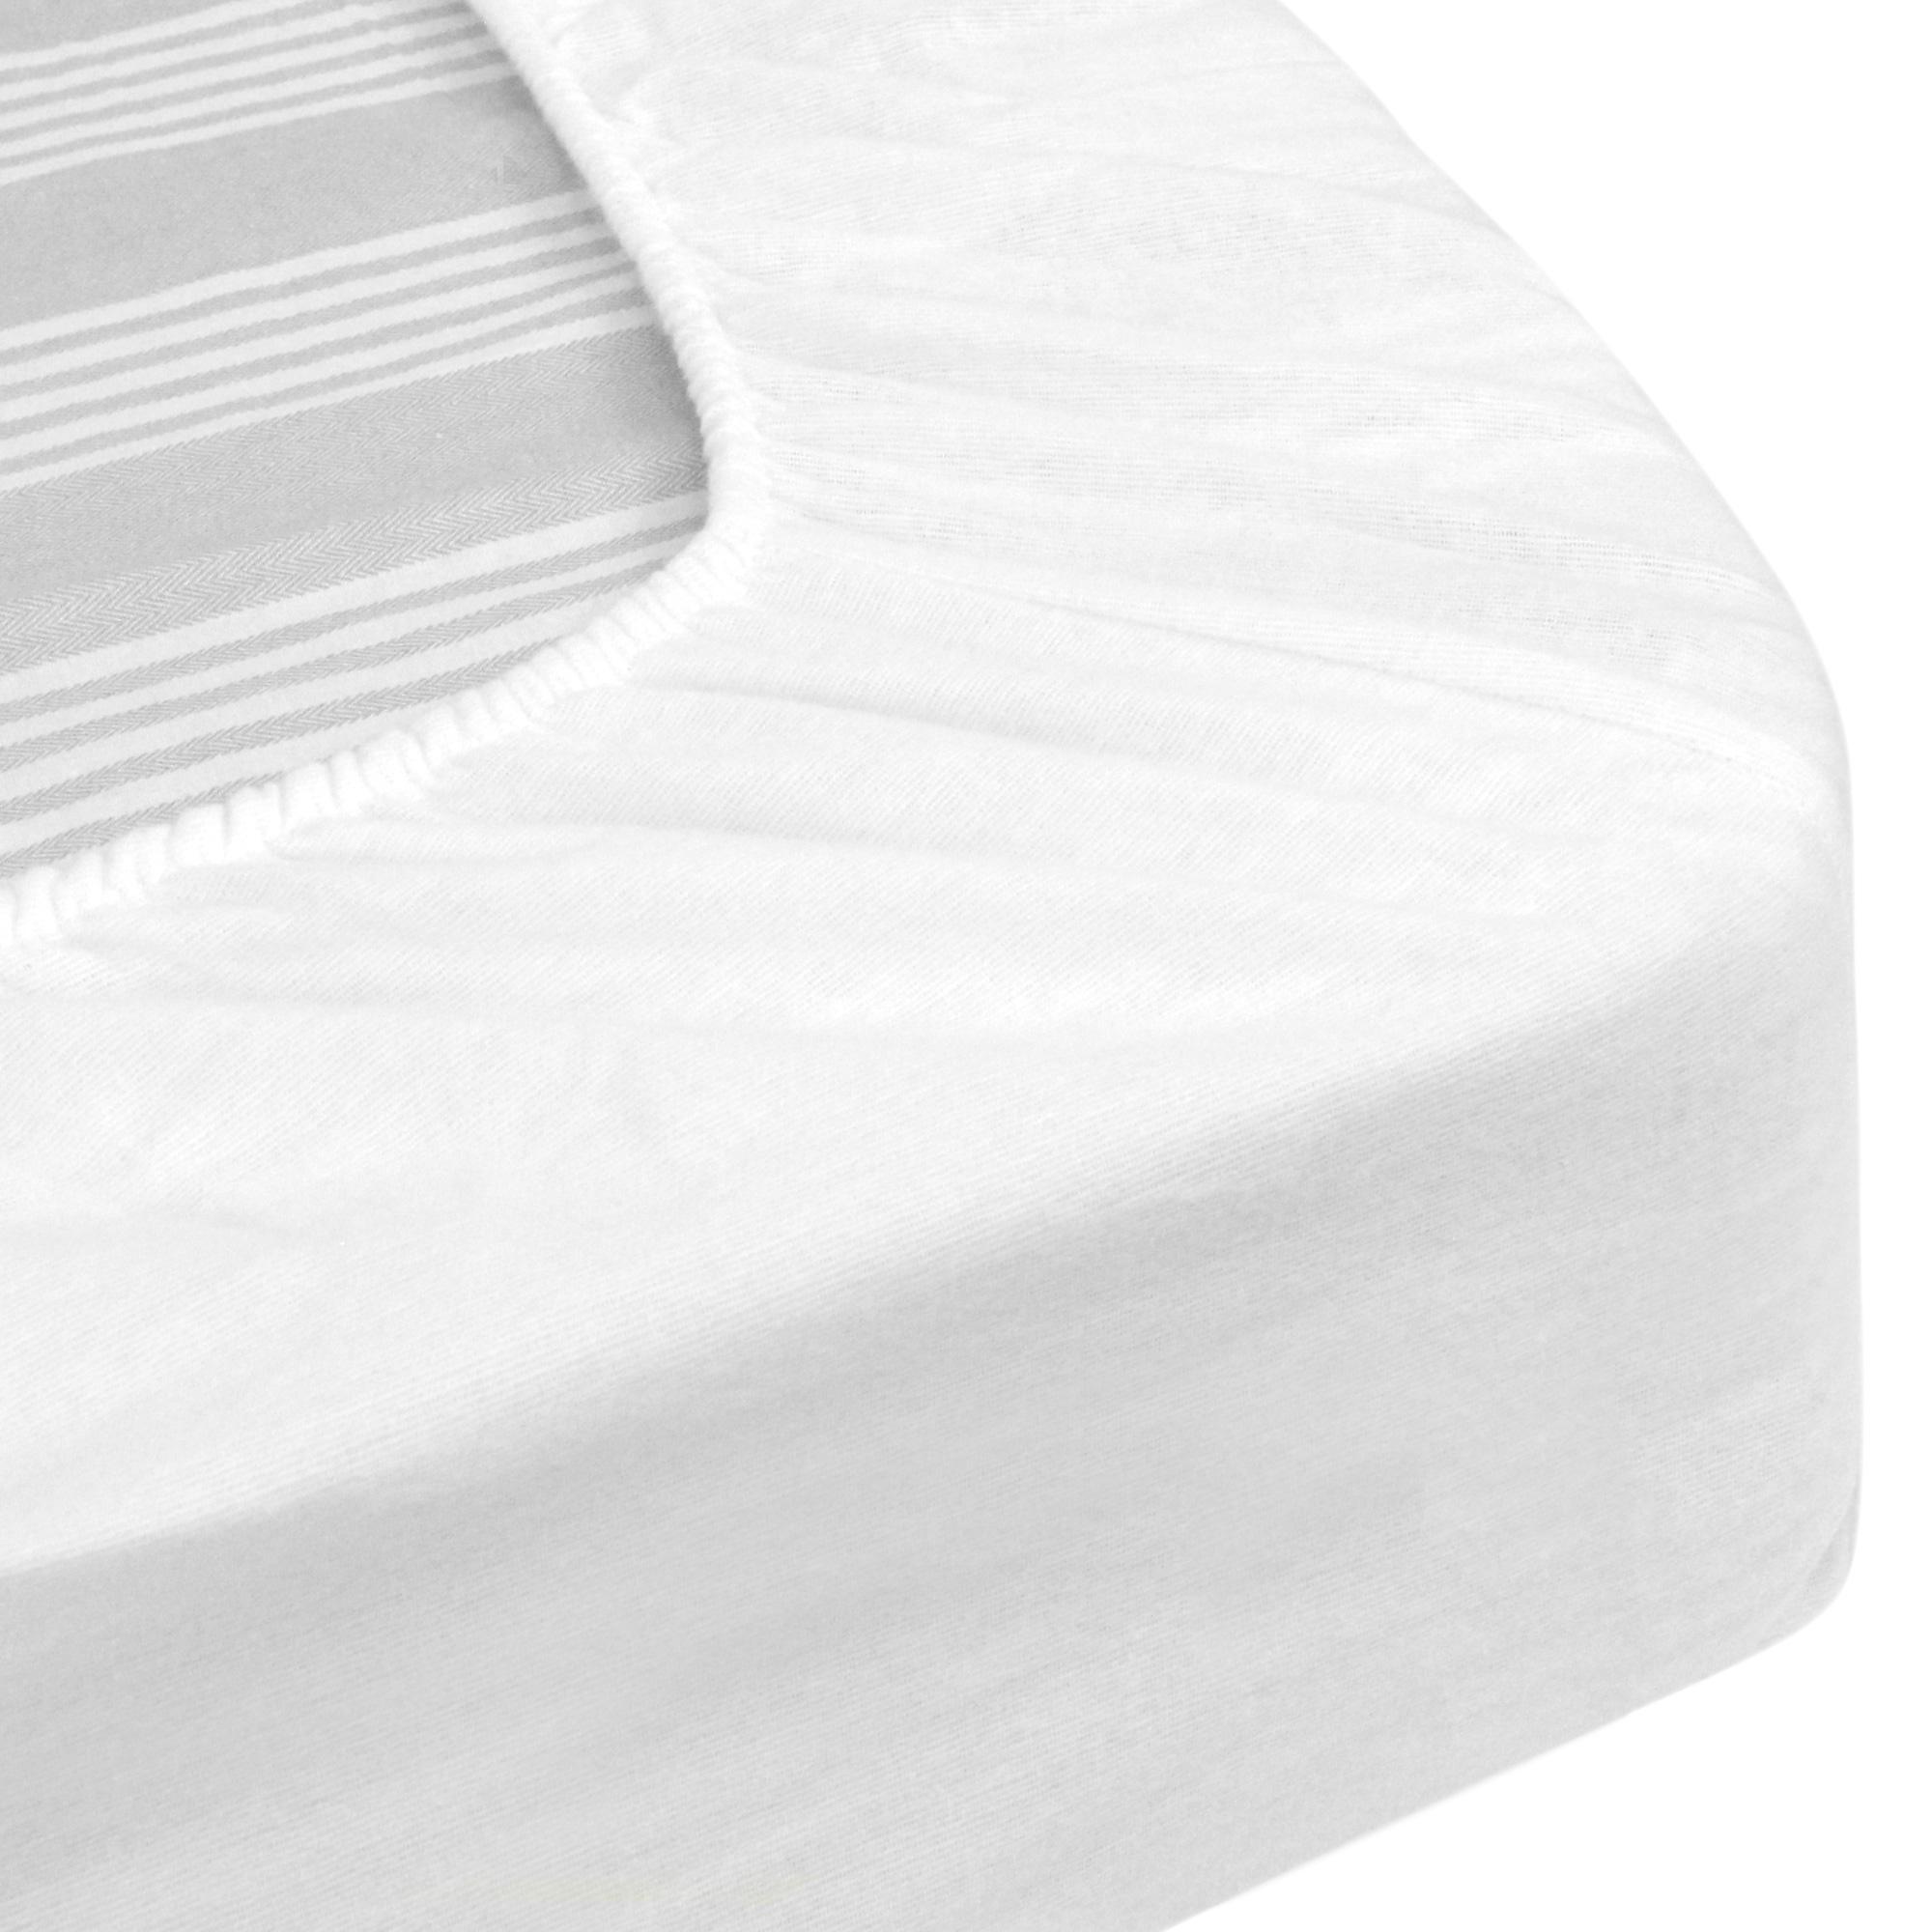 prot ge matelas imperm able 140x190 cm bonnet 30cm arnon molleton 100 coton contrecoll. Black Bedroom Furniture Sets. Home Design Ideas